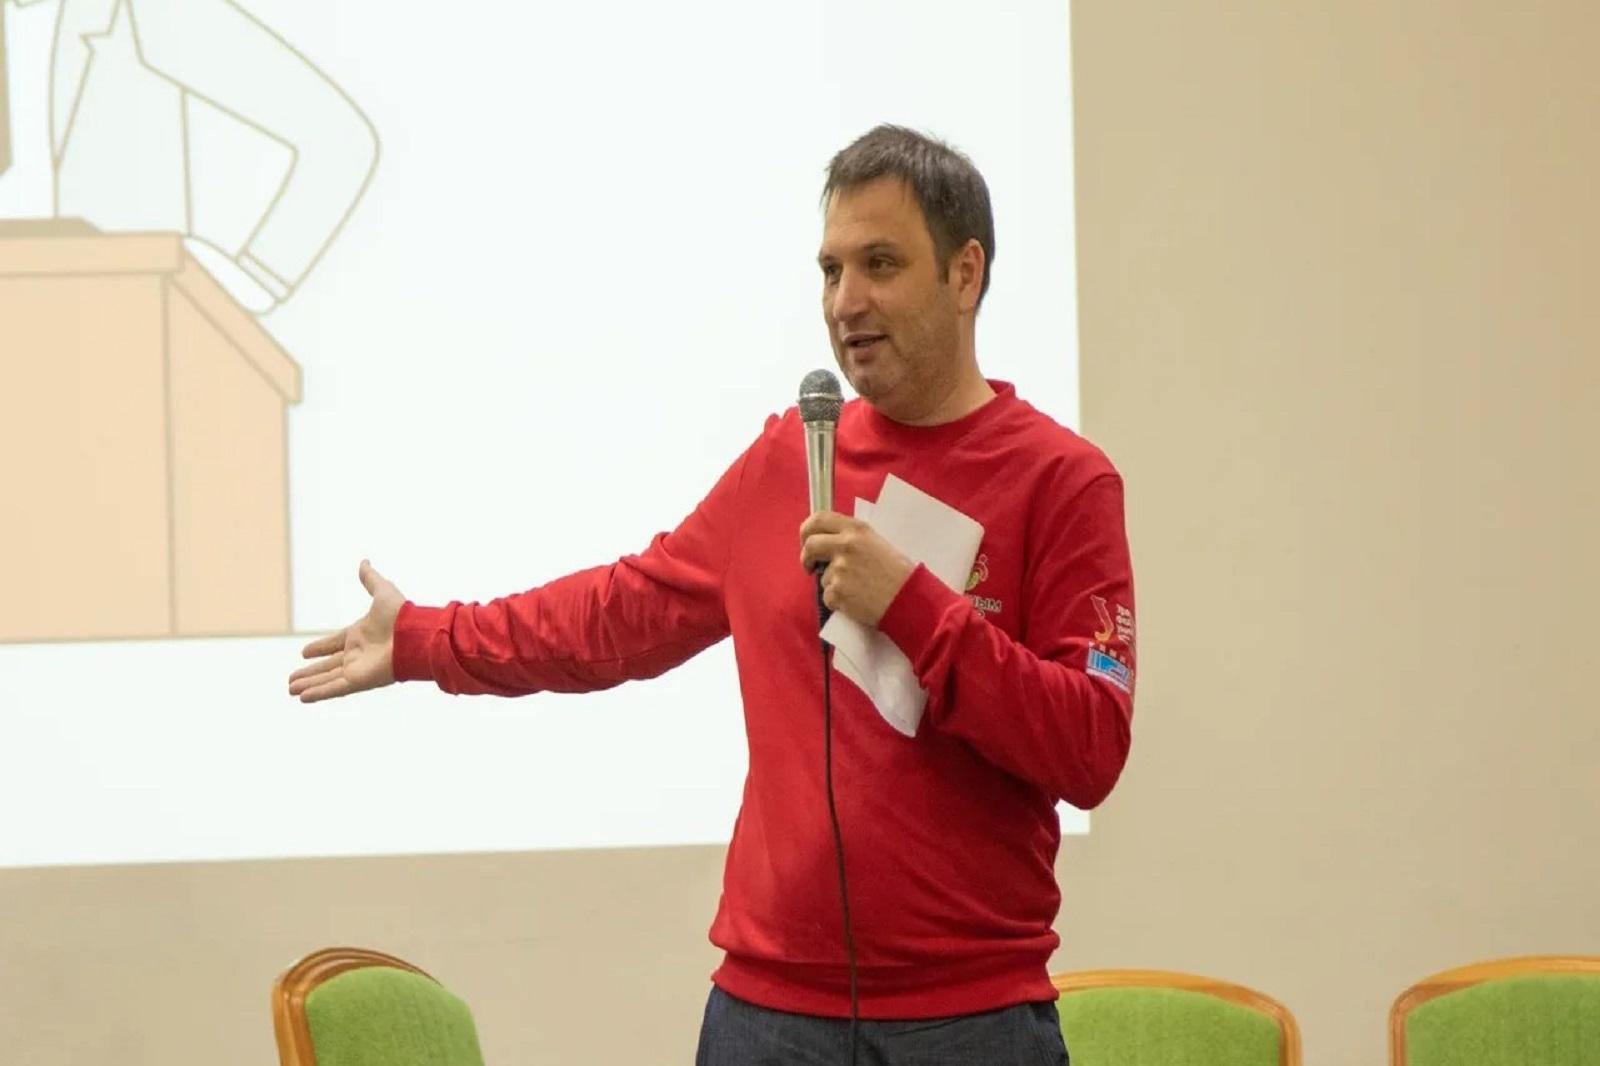 乌拉尔地区的天才学童继续为奥林匹克竞赛做深入准备插图-小狮座俄罗斯留学